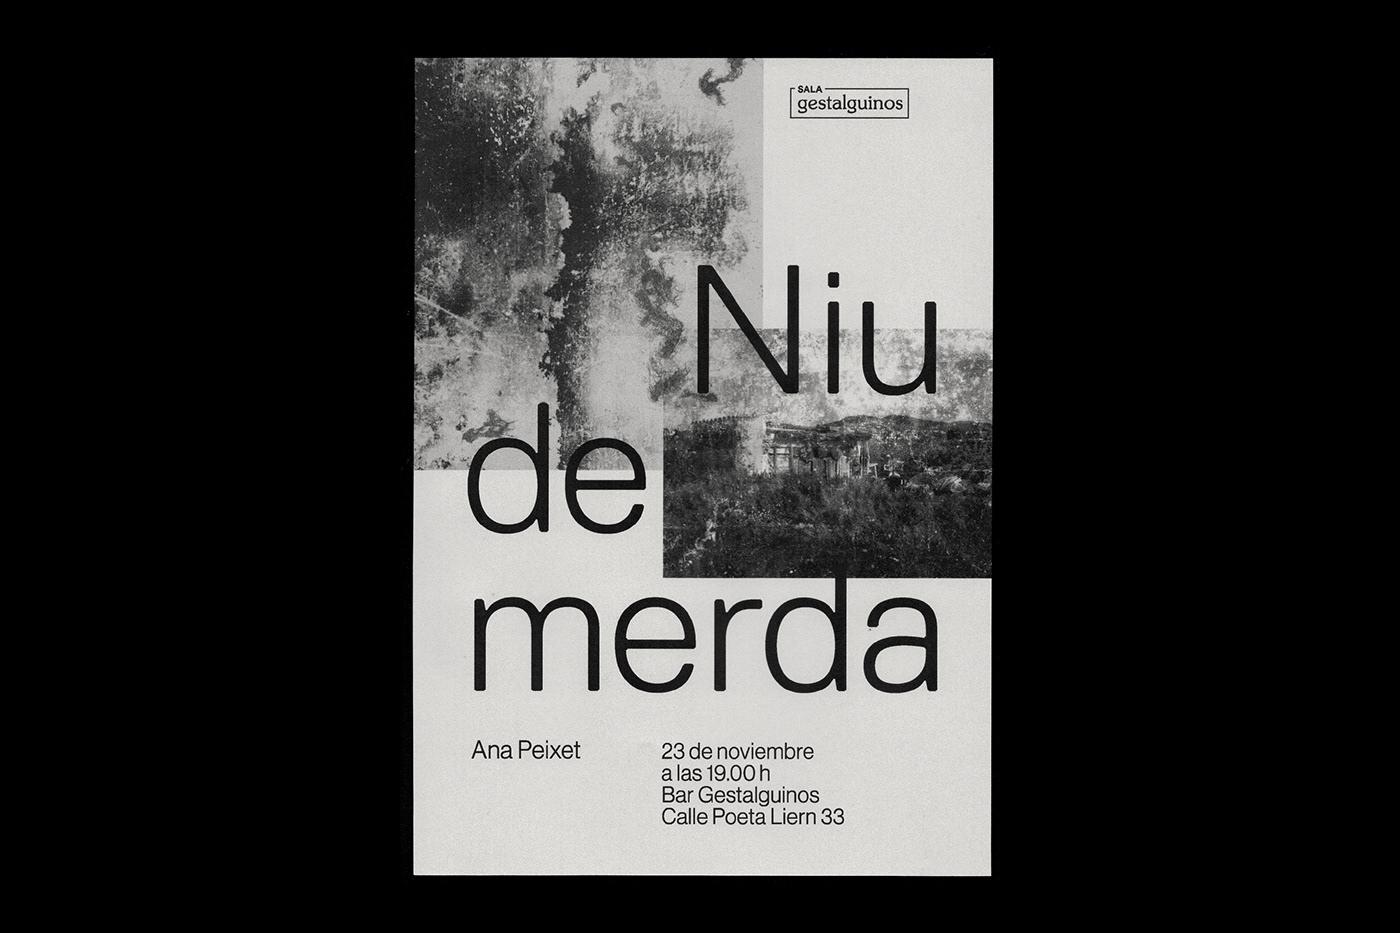 Exposición cartel merda poster Exhibition